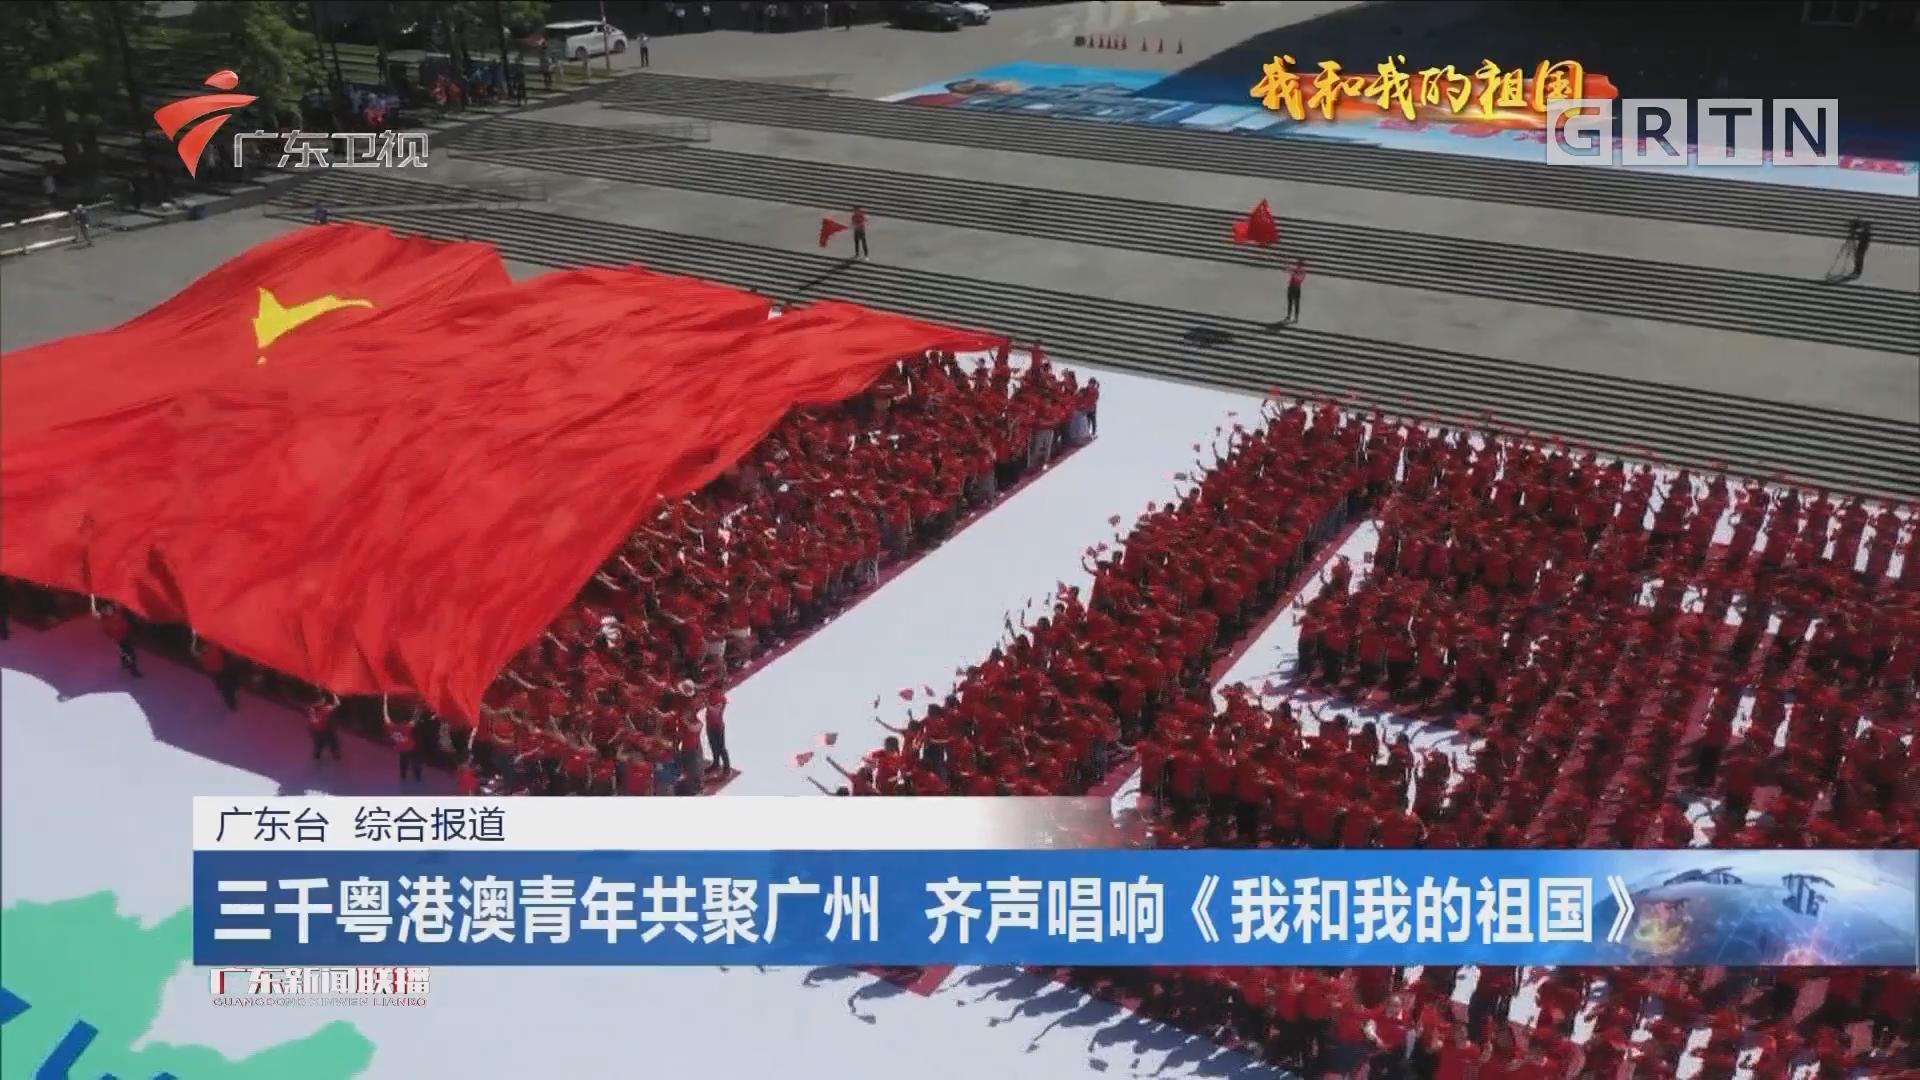 三千粤港澳青年共聚广州 齐声唱响《我和我的祖国》